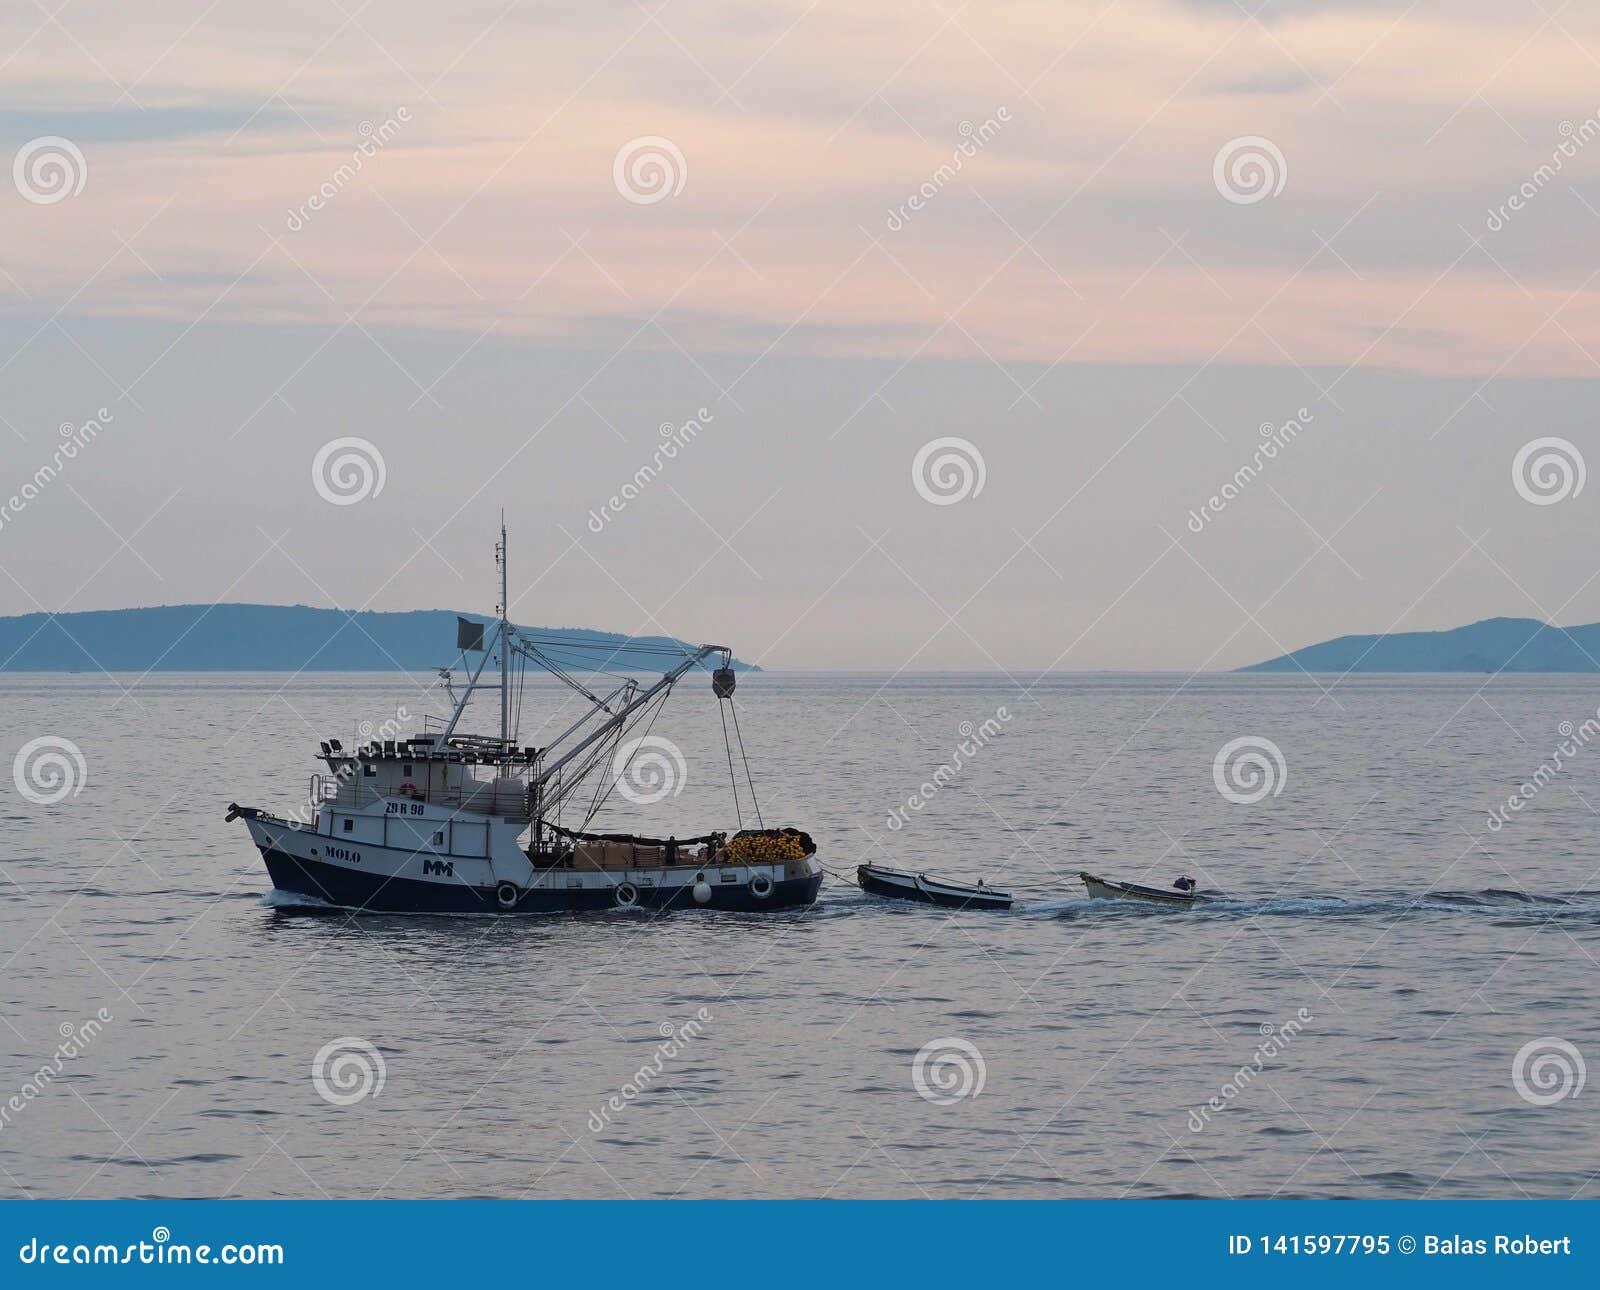 El barco tira de dos barcos más pequeños en el mar